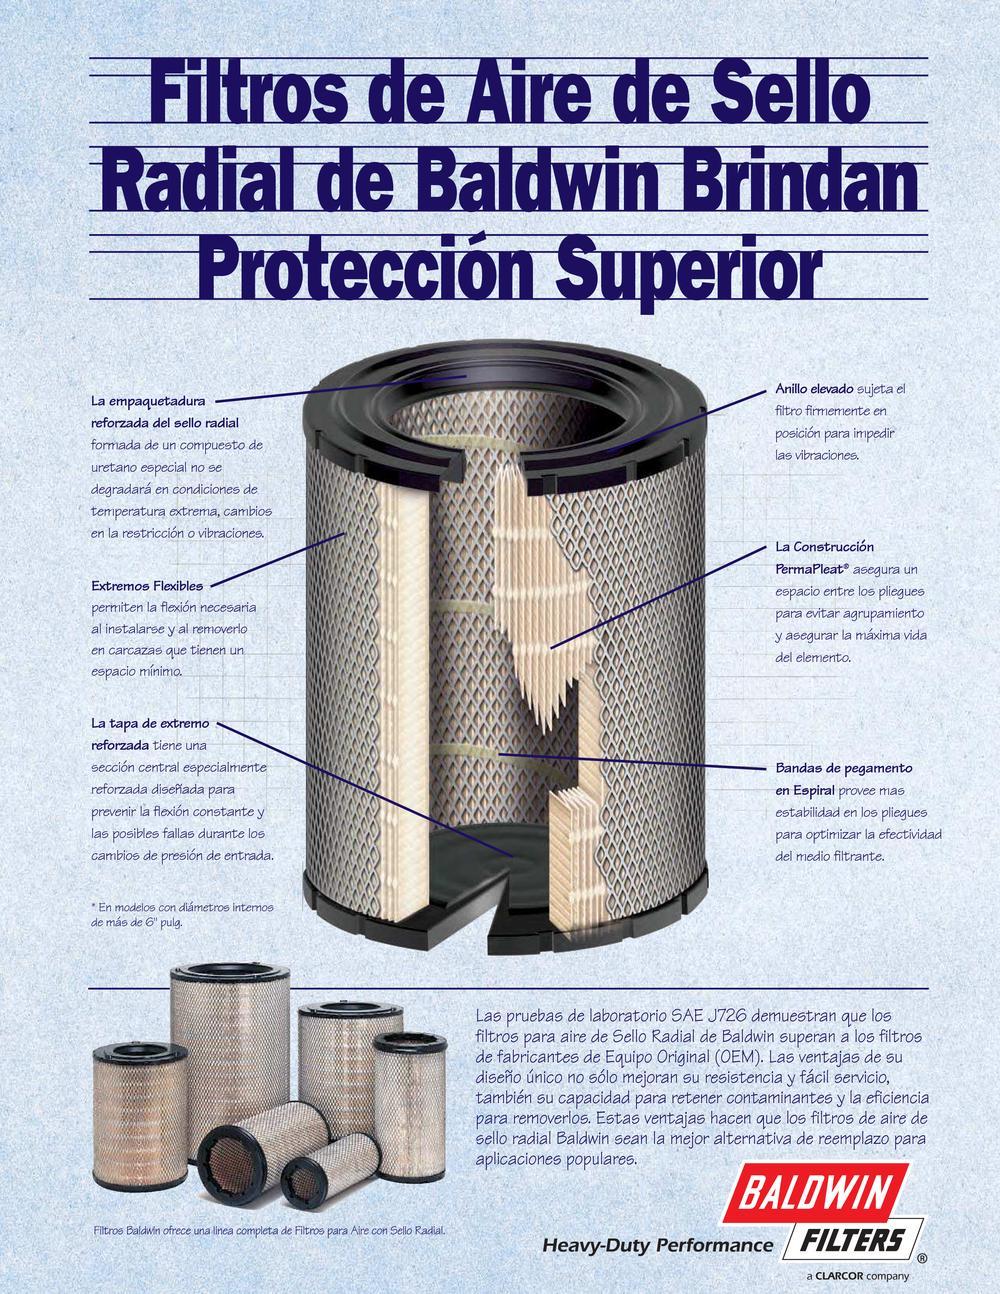 3866_filtros-de-aire-de-sello-radial-de-baldwin-brindan-62167_1b